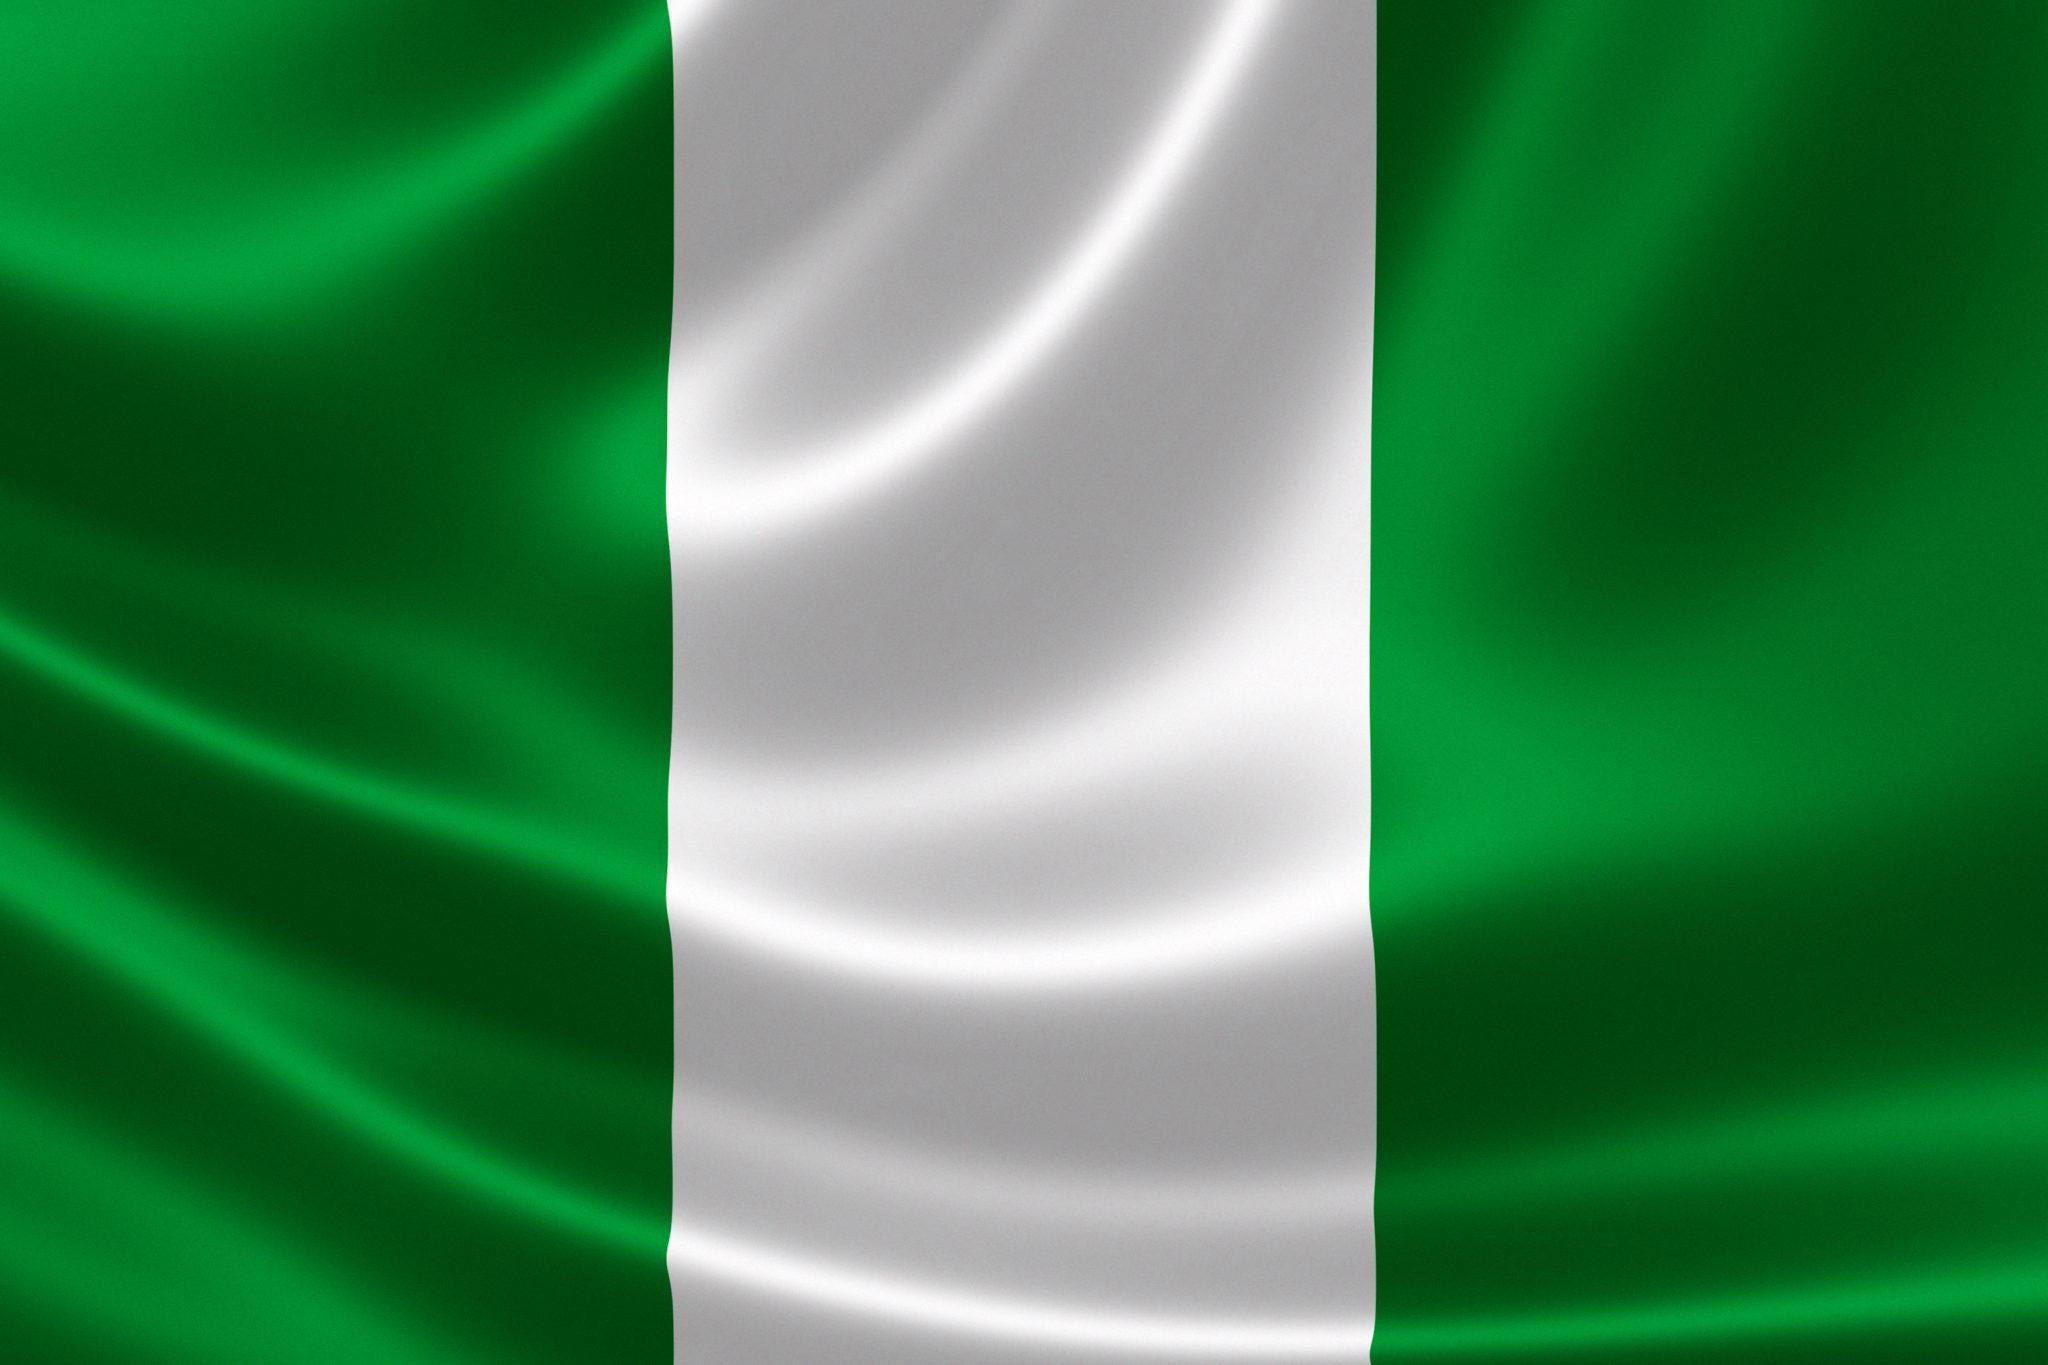 Nigeria's National Flag